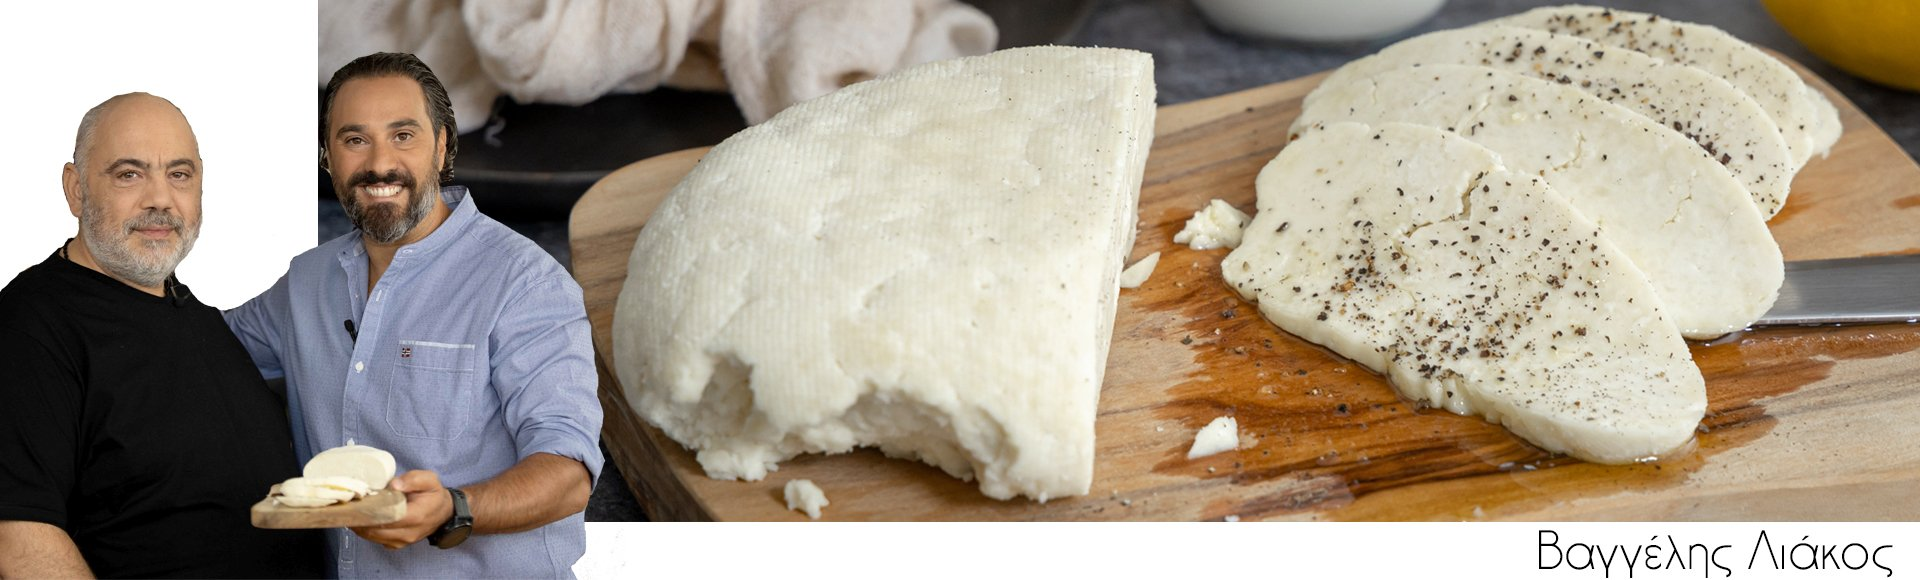 Σπιτικό λευκό τυρί - Βαγγέλης Λιάκος